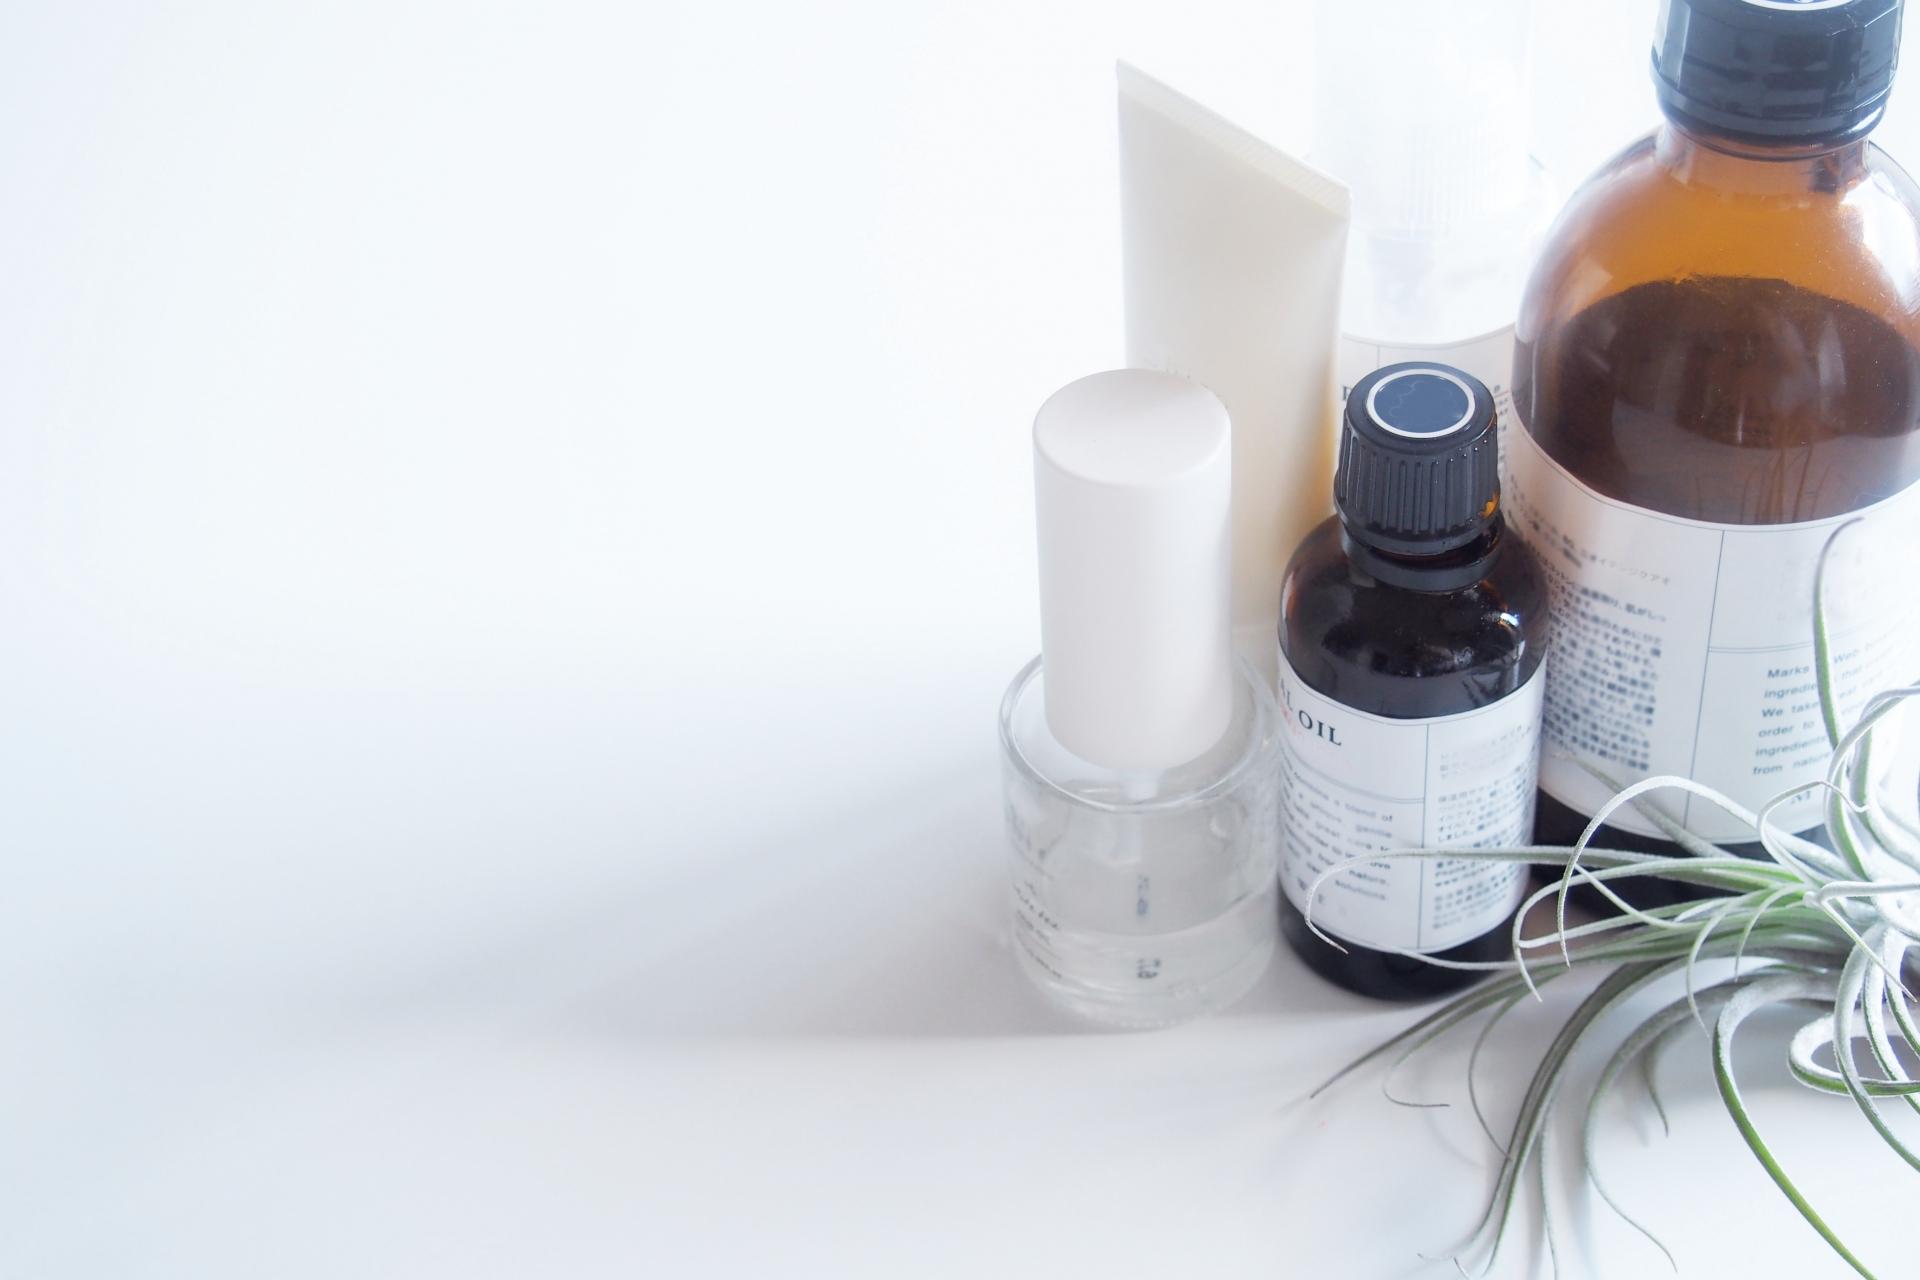 敏感肌向けの化粧水おすすめ12選!高保湿タイプも